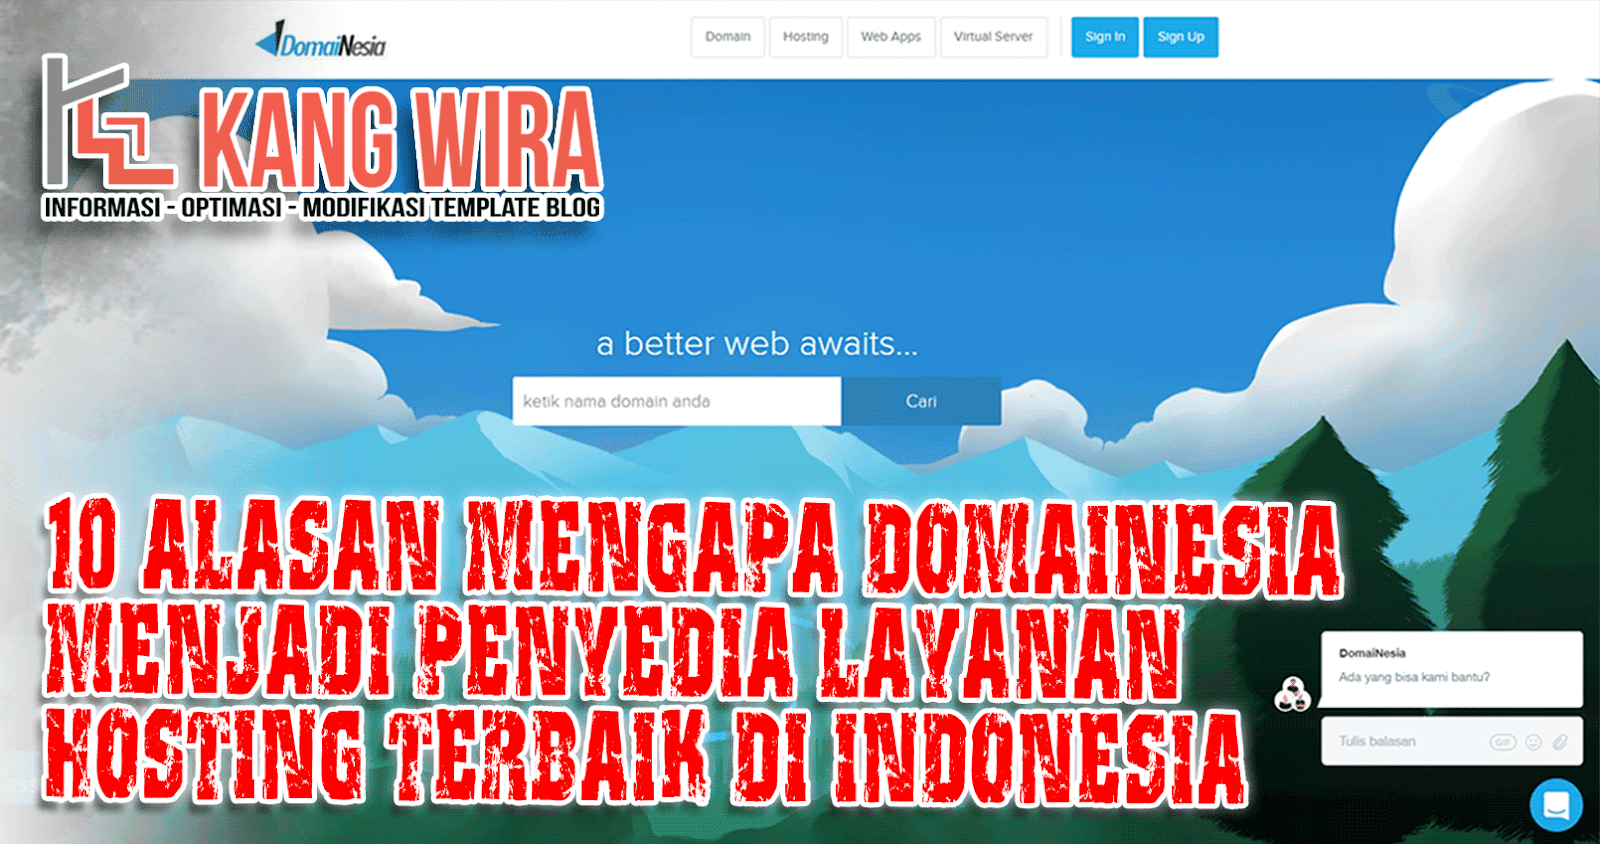 10 Alasan Mengapa DomaiNesia Menjadi Penyedia Layanan Hosting Terbaik di Indonesia